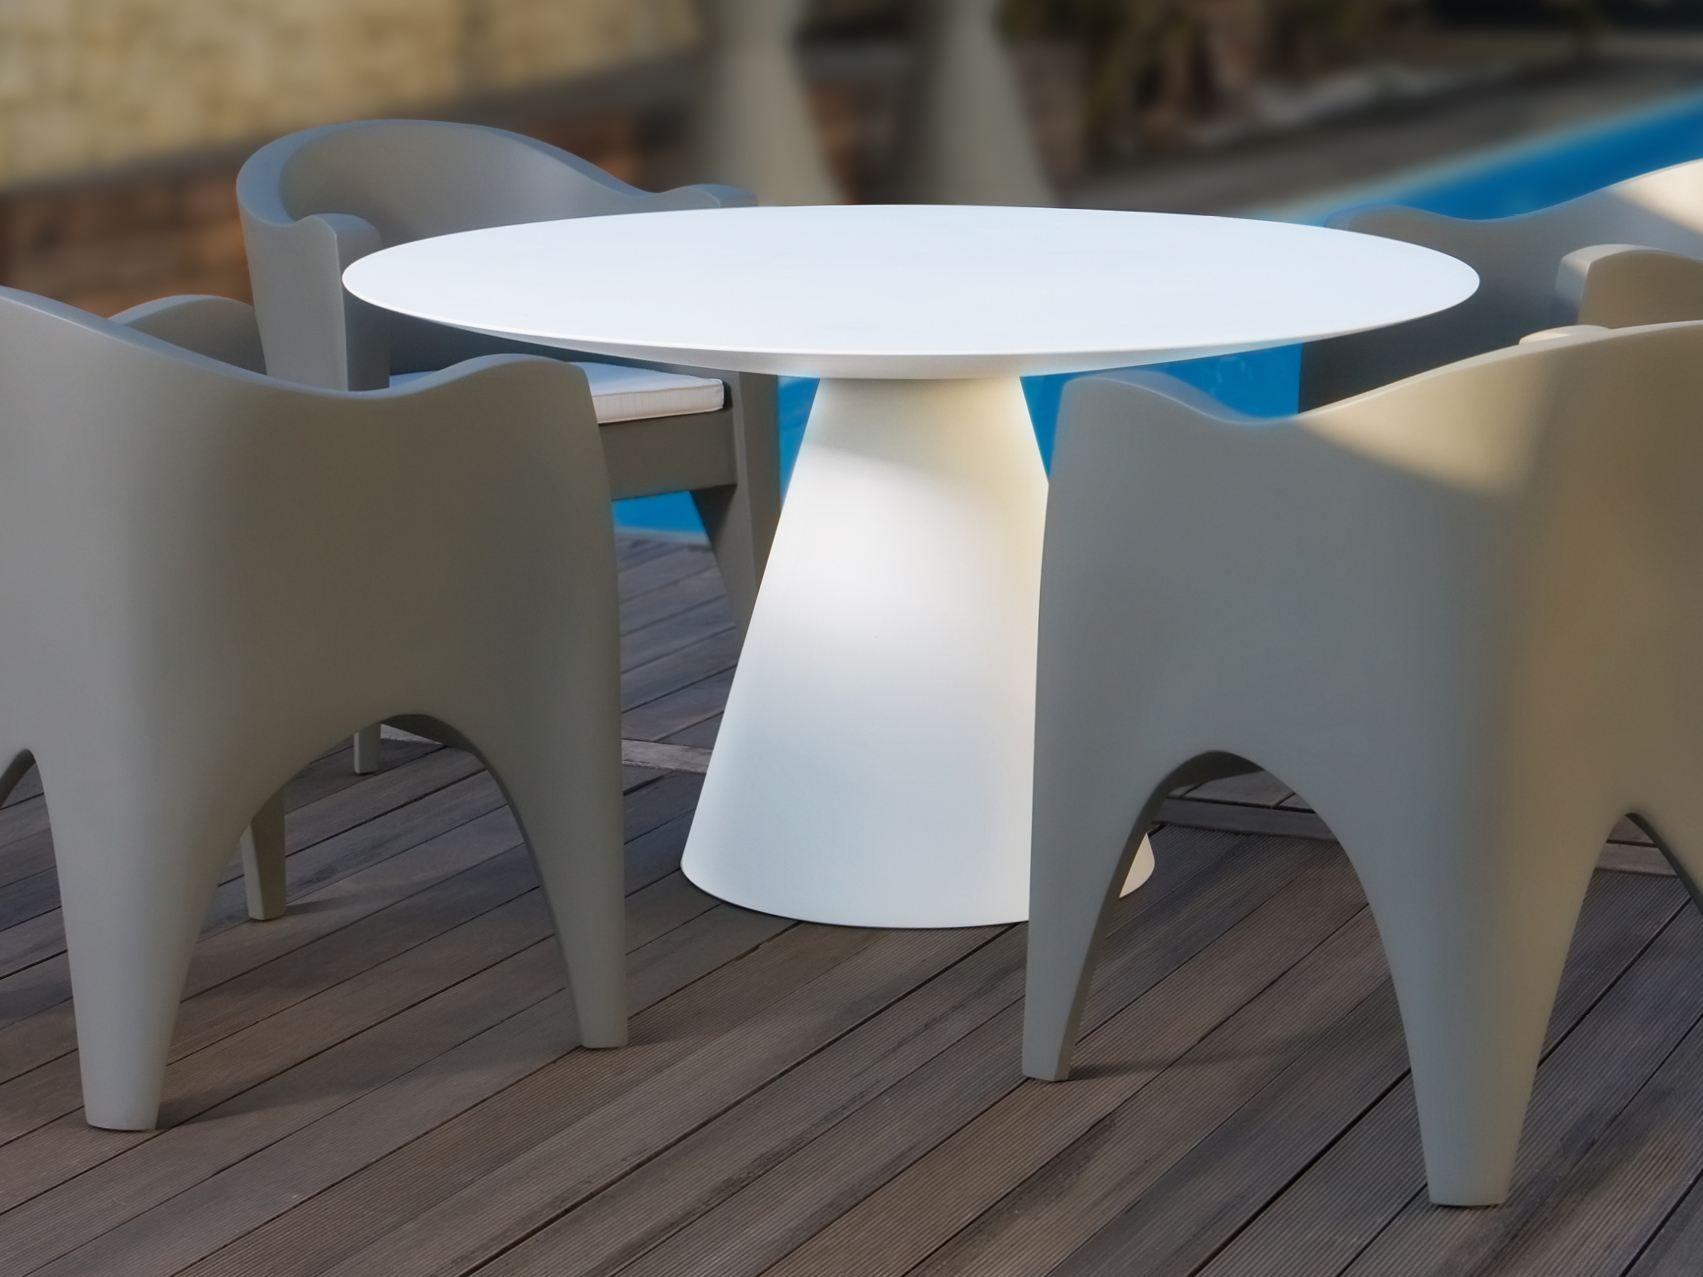 Tavolo da giardino rotondo in fibra di vetro gestos by karpa for Tavolo di vetro rotondo